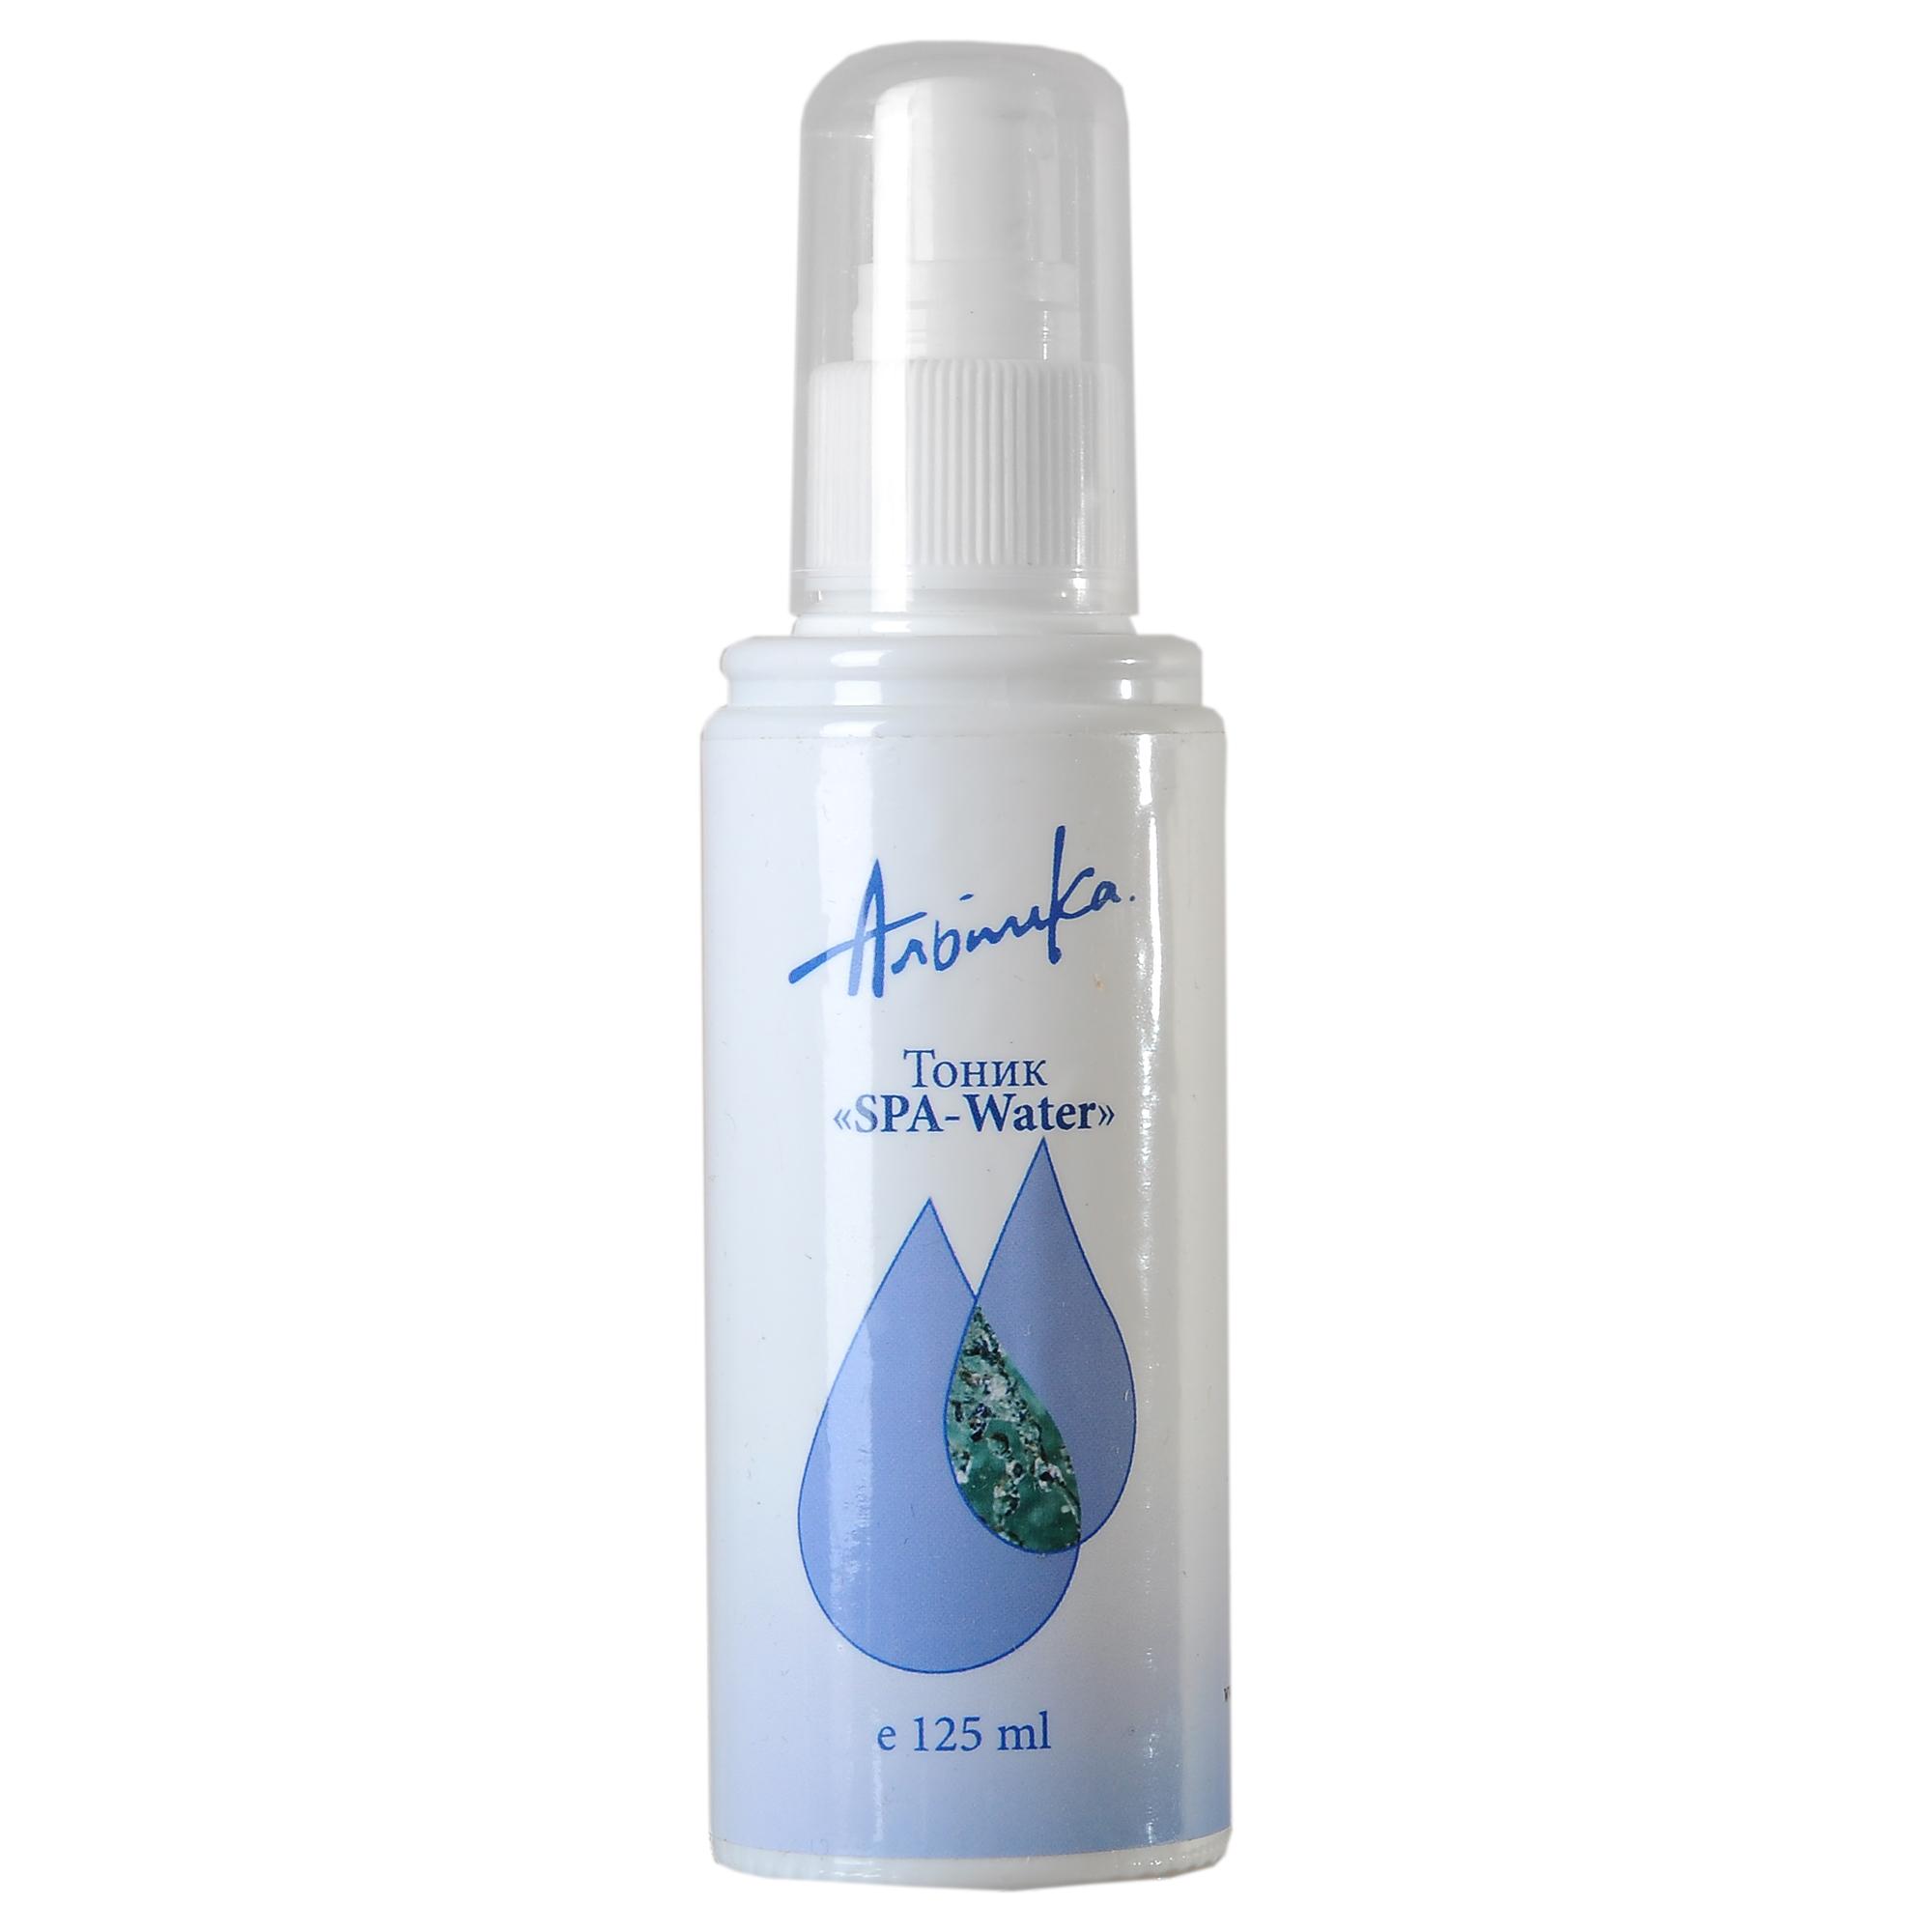 АЛЬПИКА Тоник SPA-WATER для лица 125млТоники<br>Минеральные соли и микроэлементы, входящие в состав тонизирующей воды, прекрасно освежают, увлажняют и тонизируют кожу, укрепляя её защитные функции. Обладает успокаивающим действием на чувствительную кожу, снимает отечность и покраснения. Активные ингредиенты: 100% чистая природная слабоминерализованная вода, гиалуроновая кислота. Способ применения: использовать утром и вечером для ухода за чувствительной кожей лица, рук, тела; в течение дня-для достижения освежающего эффекта. Распылите воду, оставьте на несколько секунд, для воздействия при необходимости промокните остатки бумажной салфеткой.<br><br>Объем: 125 мл<br>Назначение: Отечность